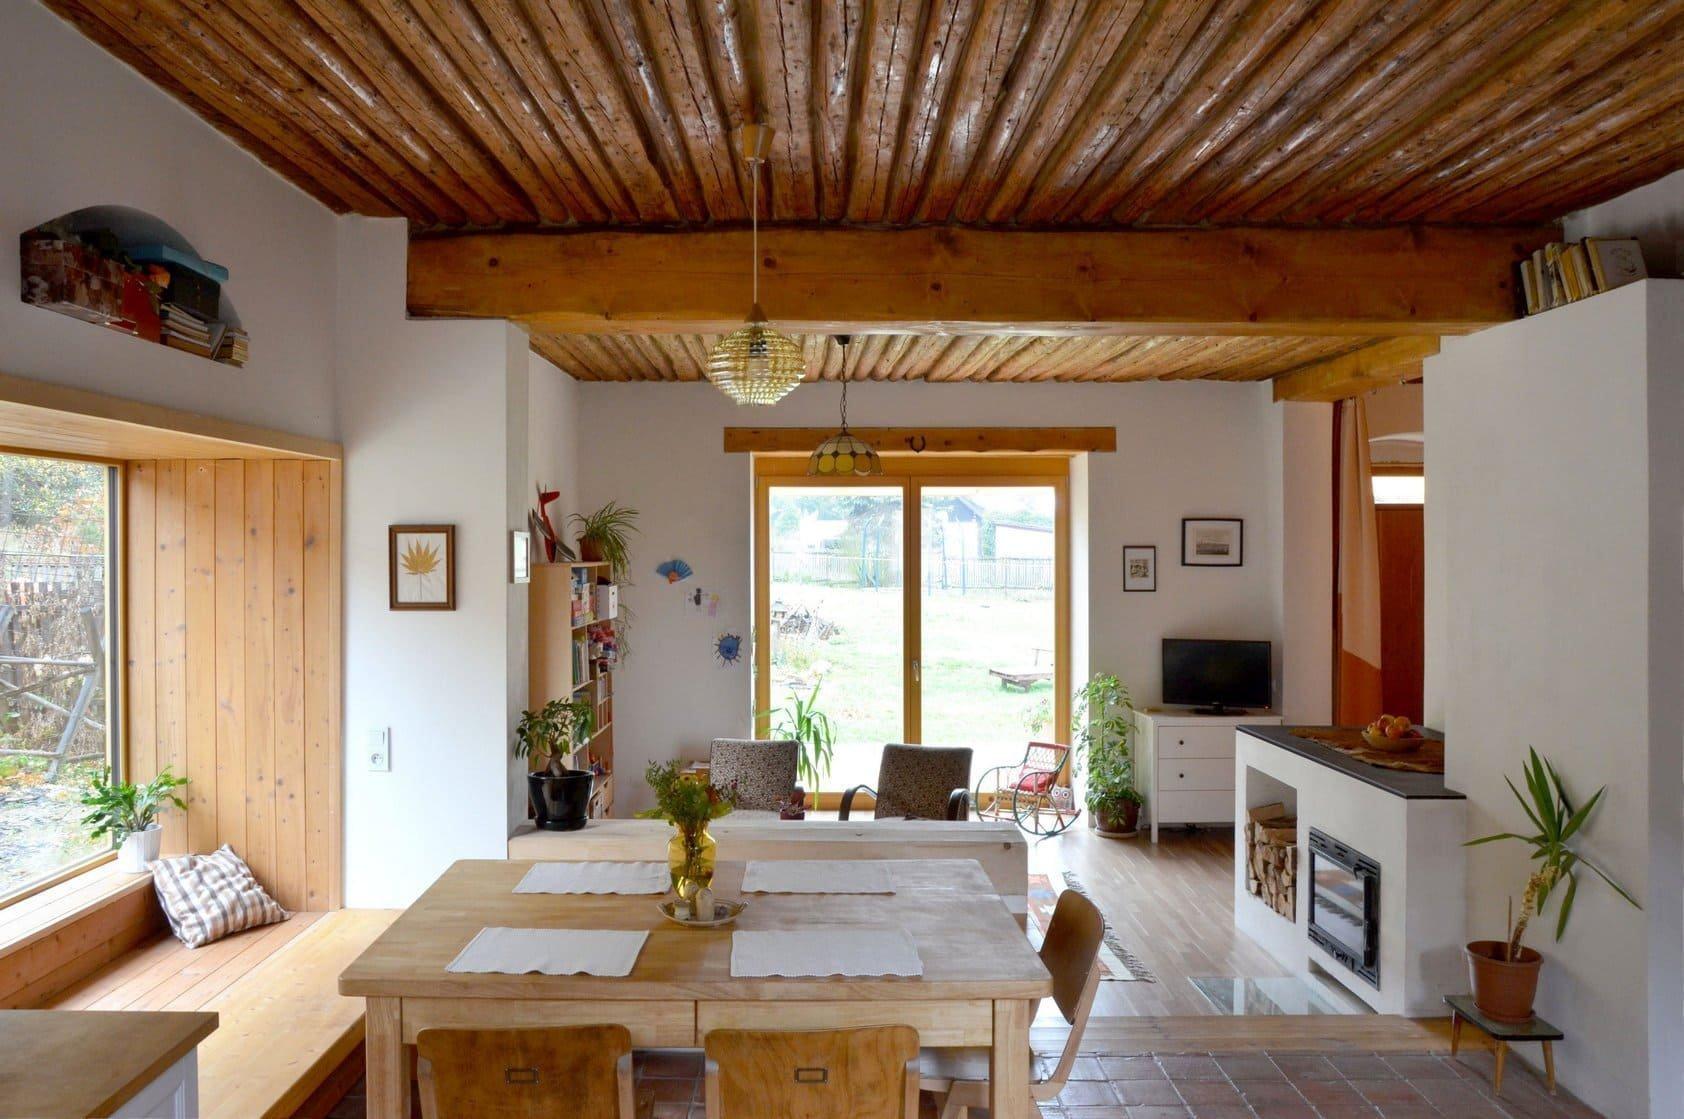 Dnes vás vezmeme na návštěvu do zrekonstruovaného domku v bývalé hornické kolonii na úpatí Brd. Tento dům byl v Podlesí, na levém břehu řeky Litavky, postaven už zhruba před sto lety. V moderní době prošel proměnou doslova od podlahy, přesto si však zachoval svůj svébytný charakter. Je proto důkazem toho, že komfortní moderní bydlení může vzniknout i spolu se zachováním řady původních architektonických prvků.